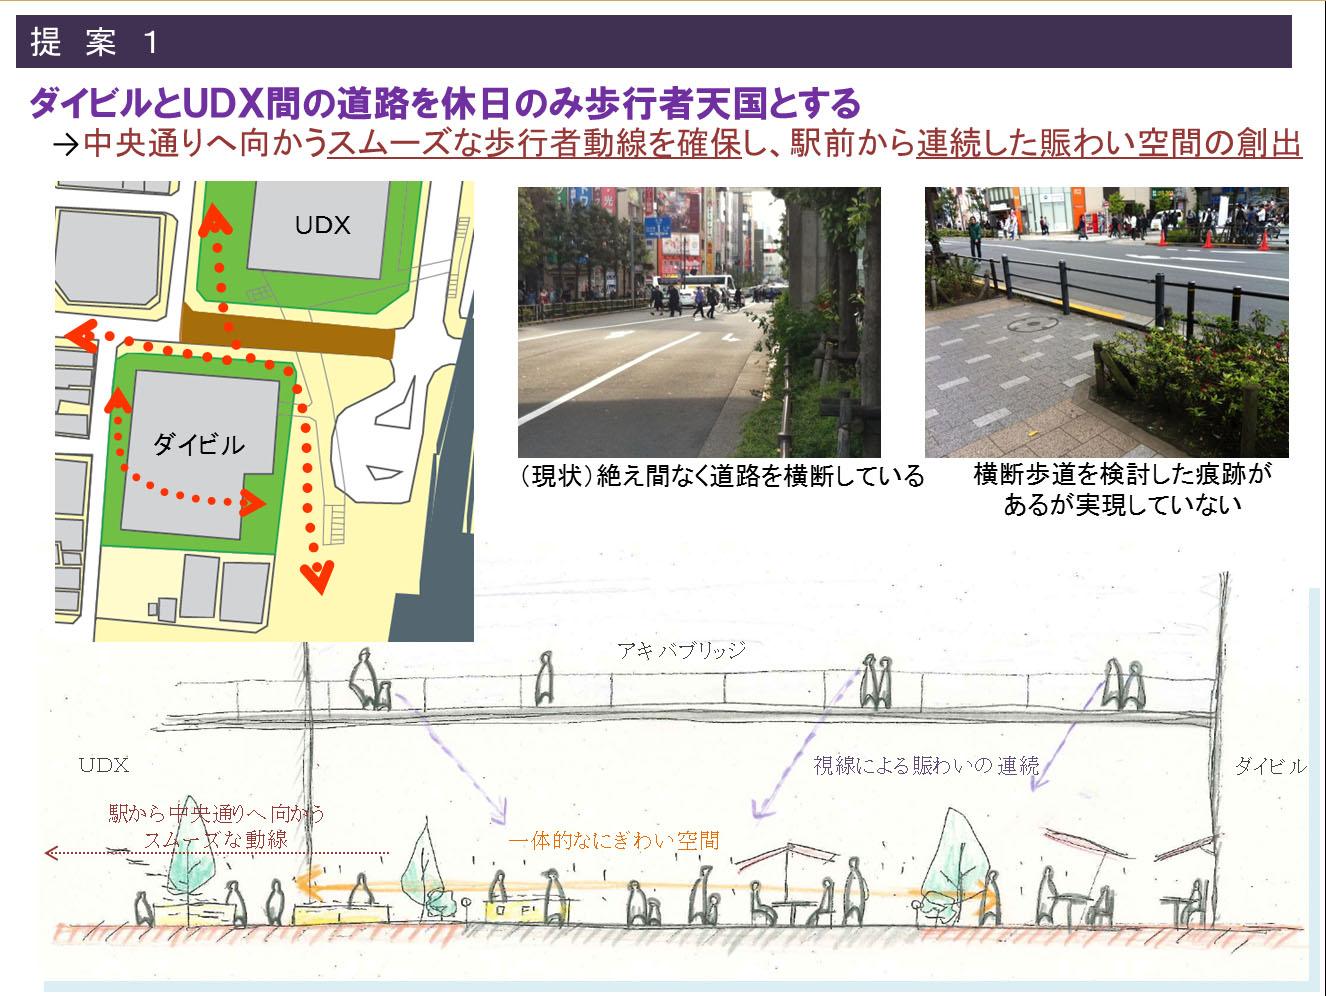 歩行者空間とすることで、駅前から連続したにぎわいの空間の創出を狙います